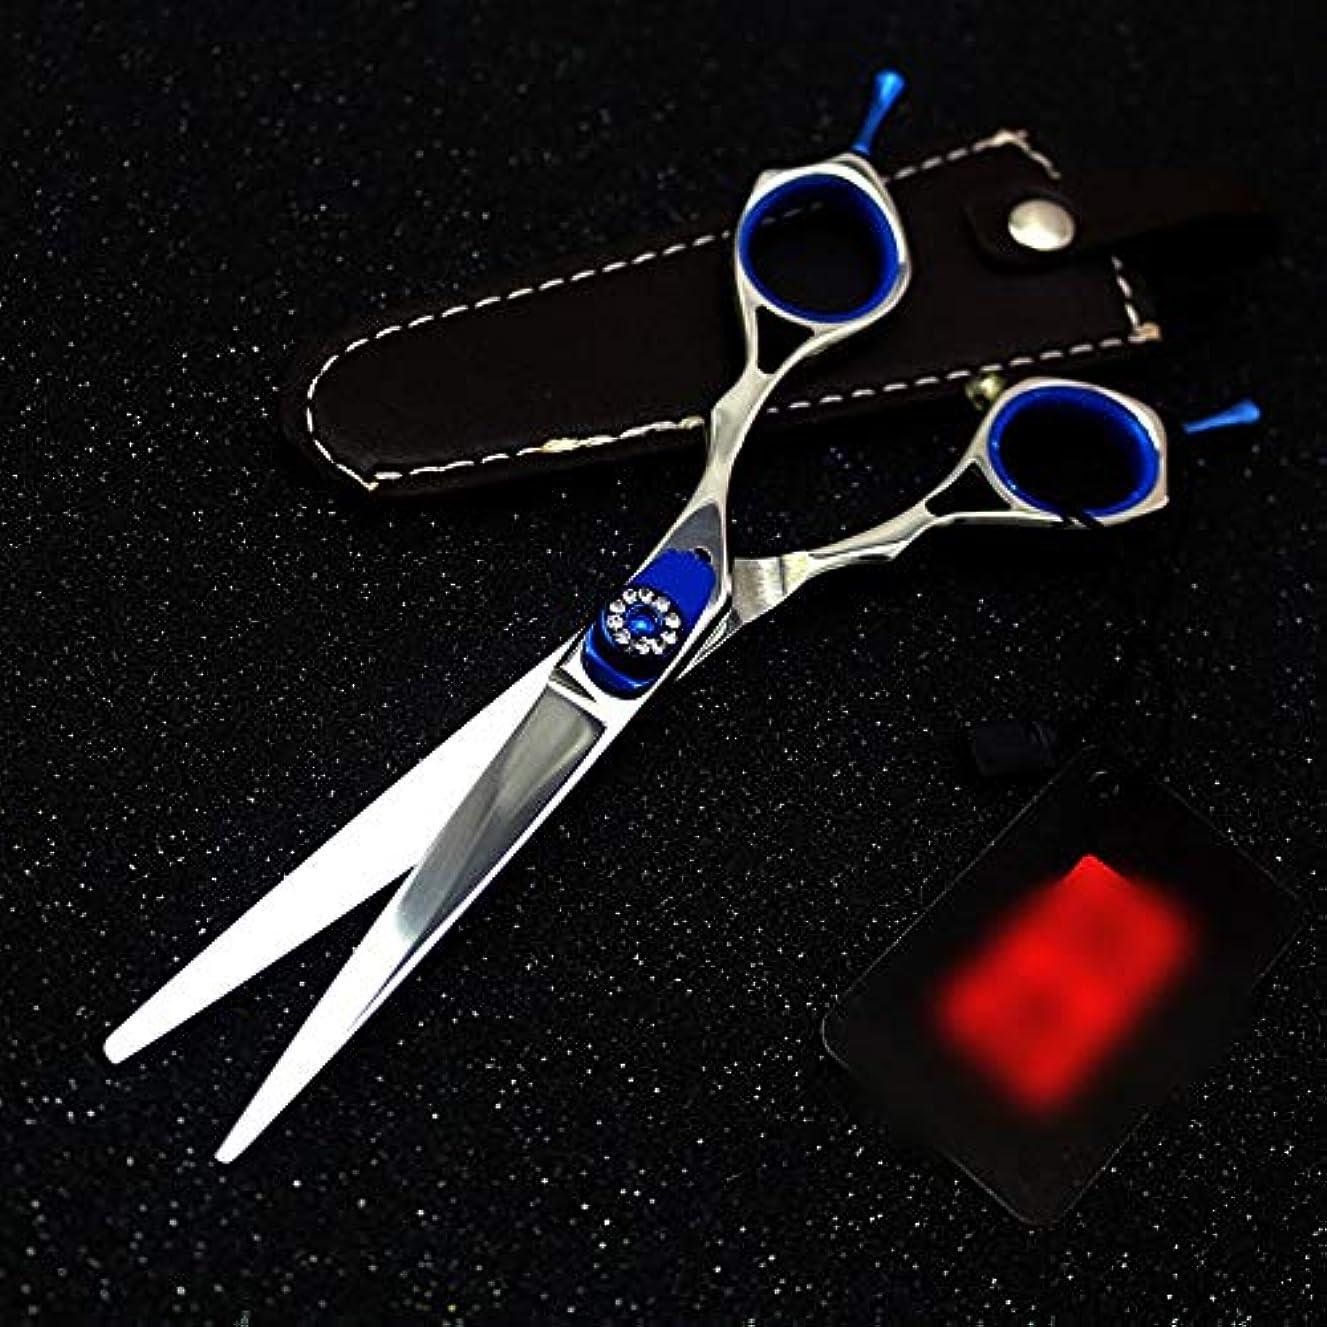 明らかにスモッグ過剰6インチプロフェッショナル両面理髪はさみ、宝石用原石理髪プロフェッショナルはさみ モデリングツール (色 : 青)